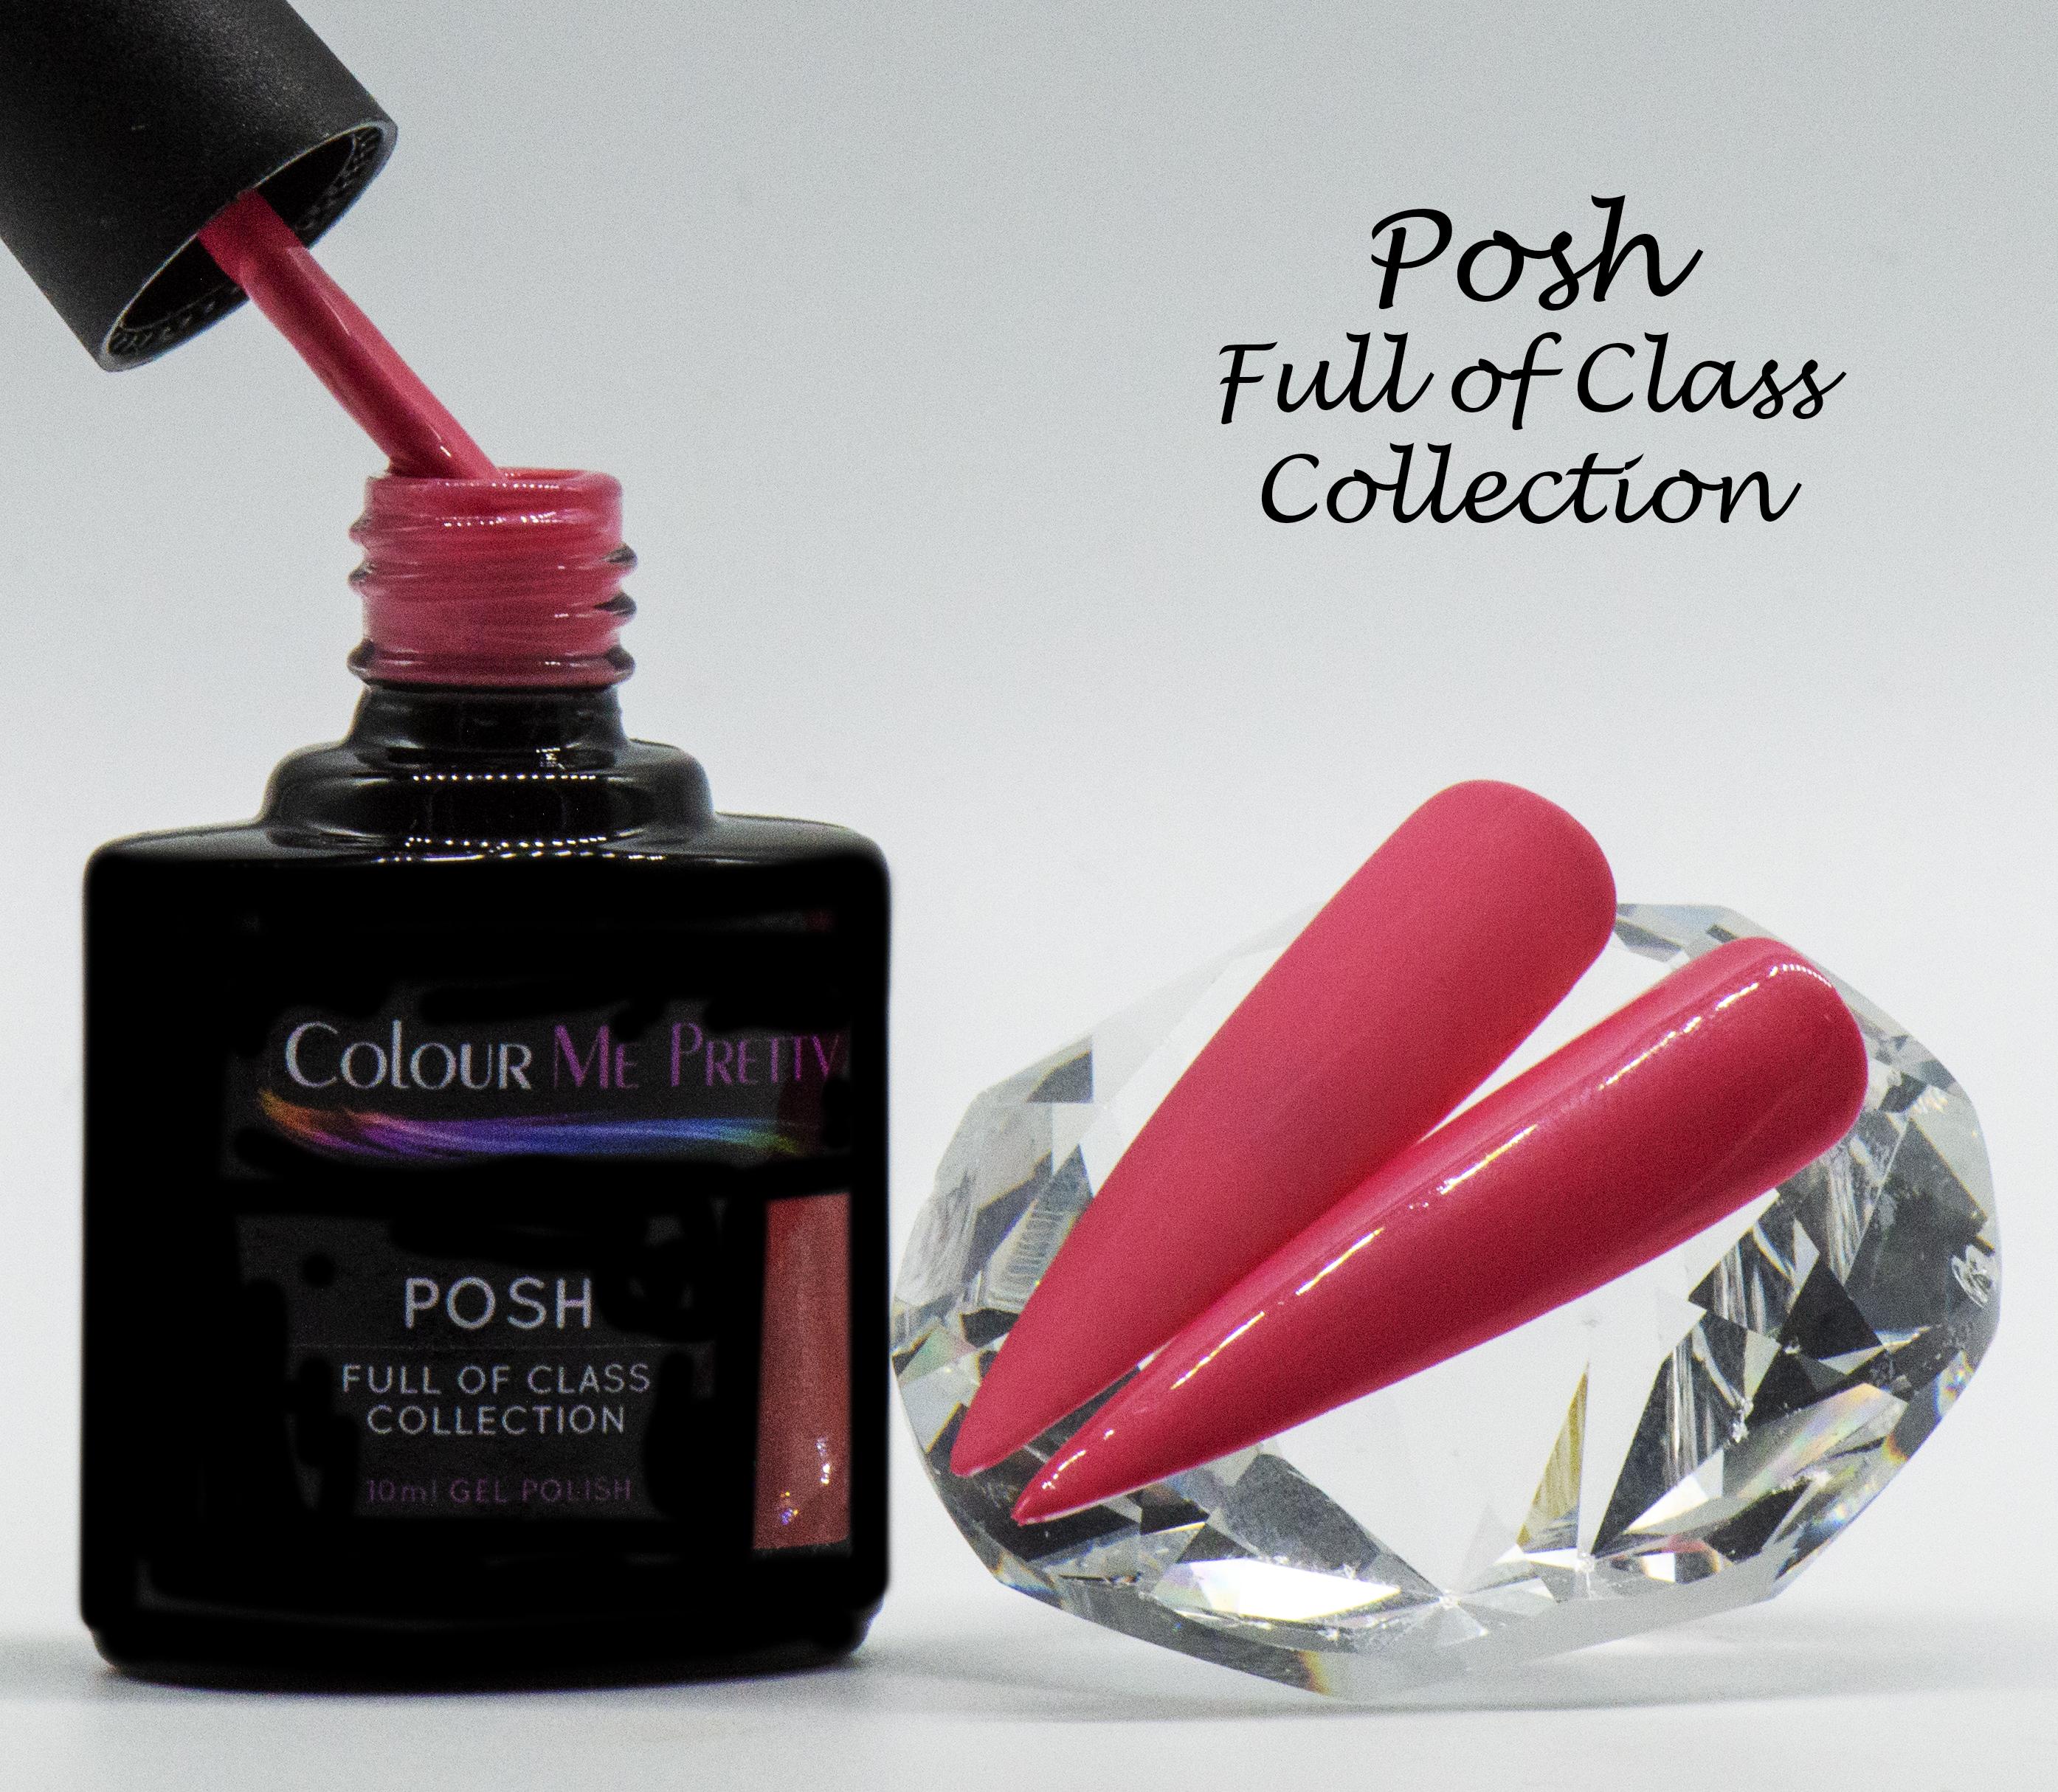 Full of Class Posh